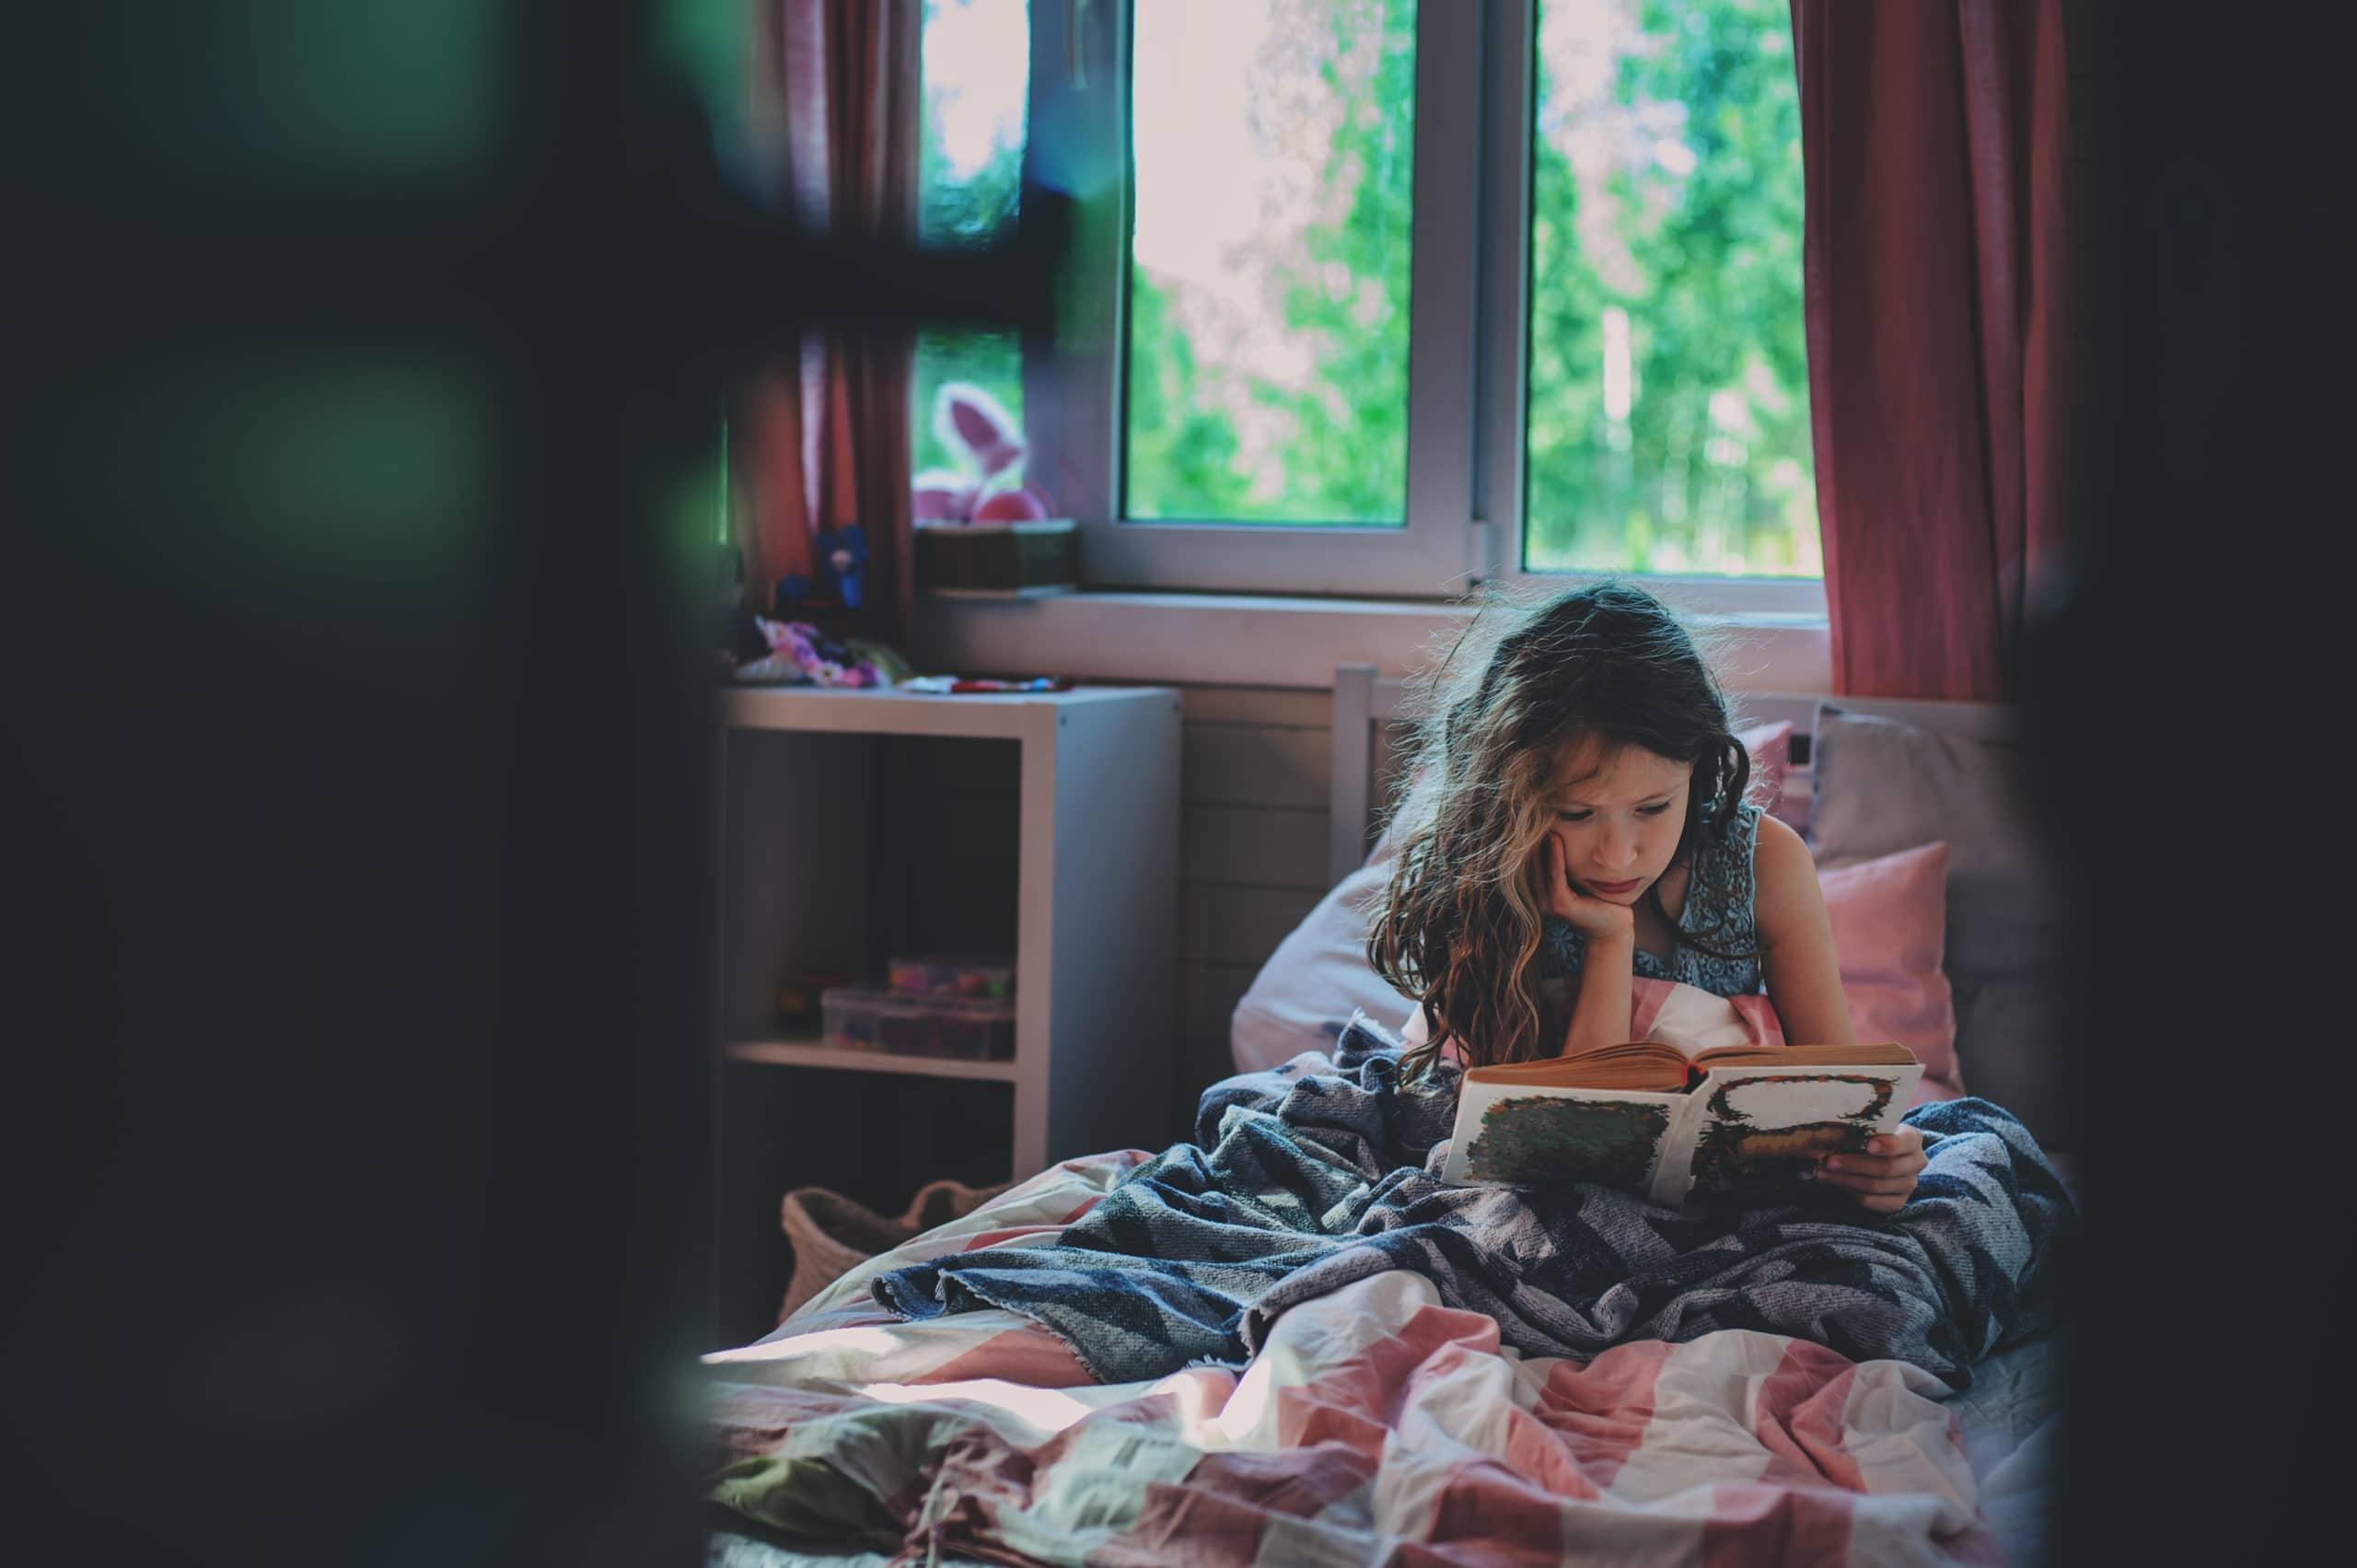 sad kid reading books help